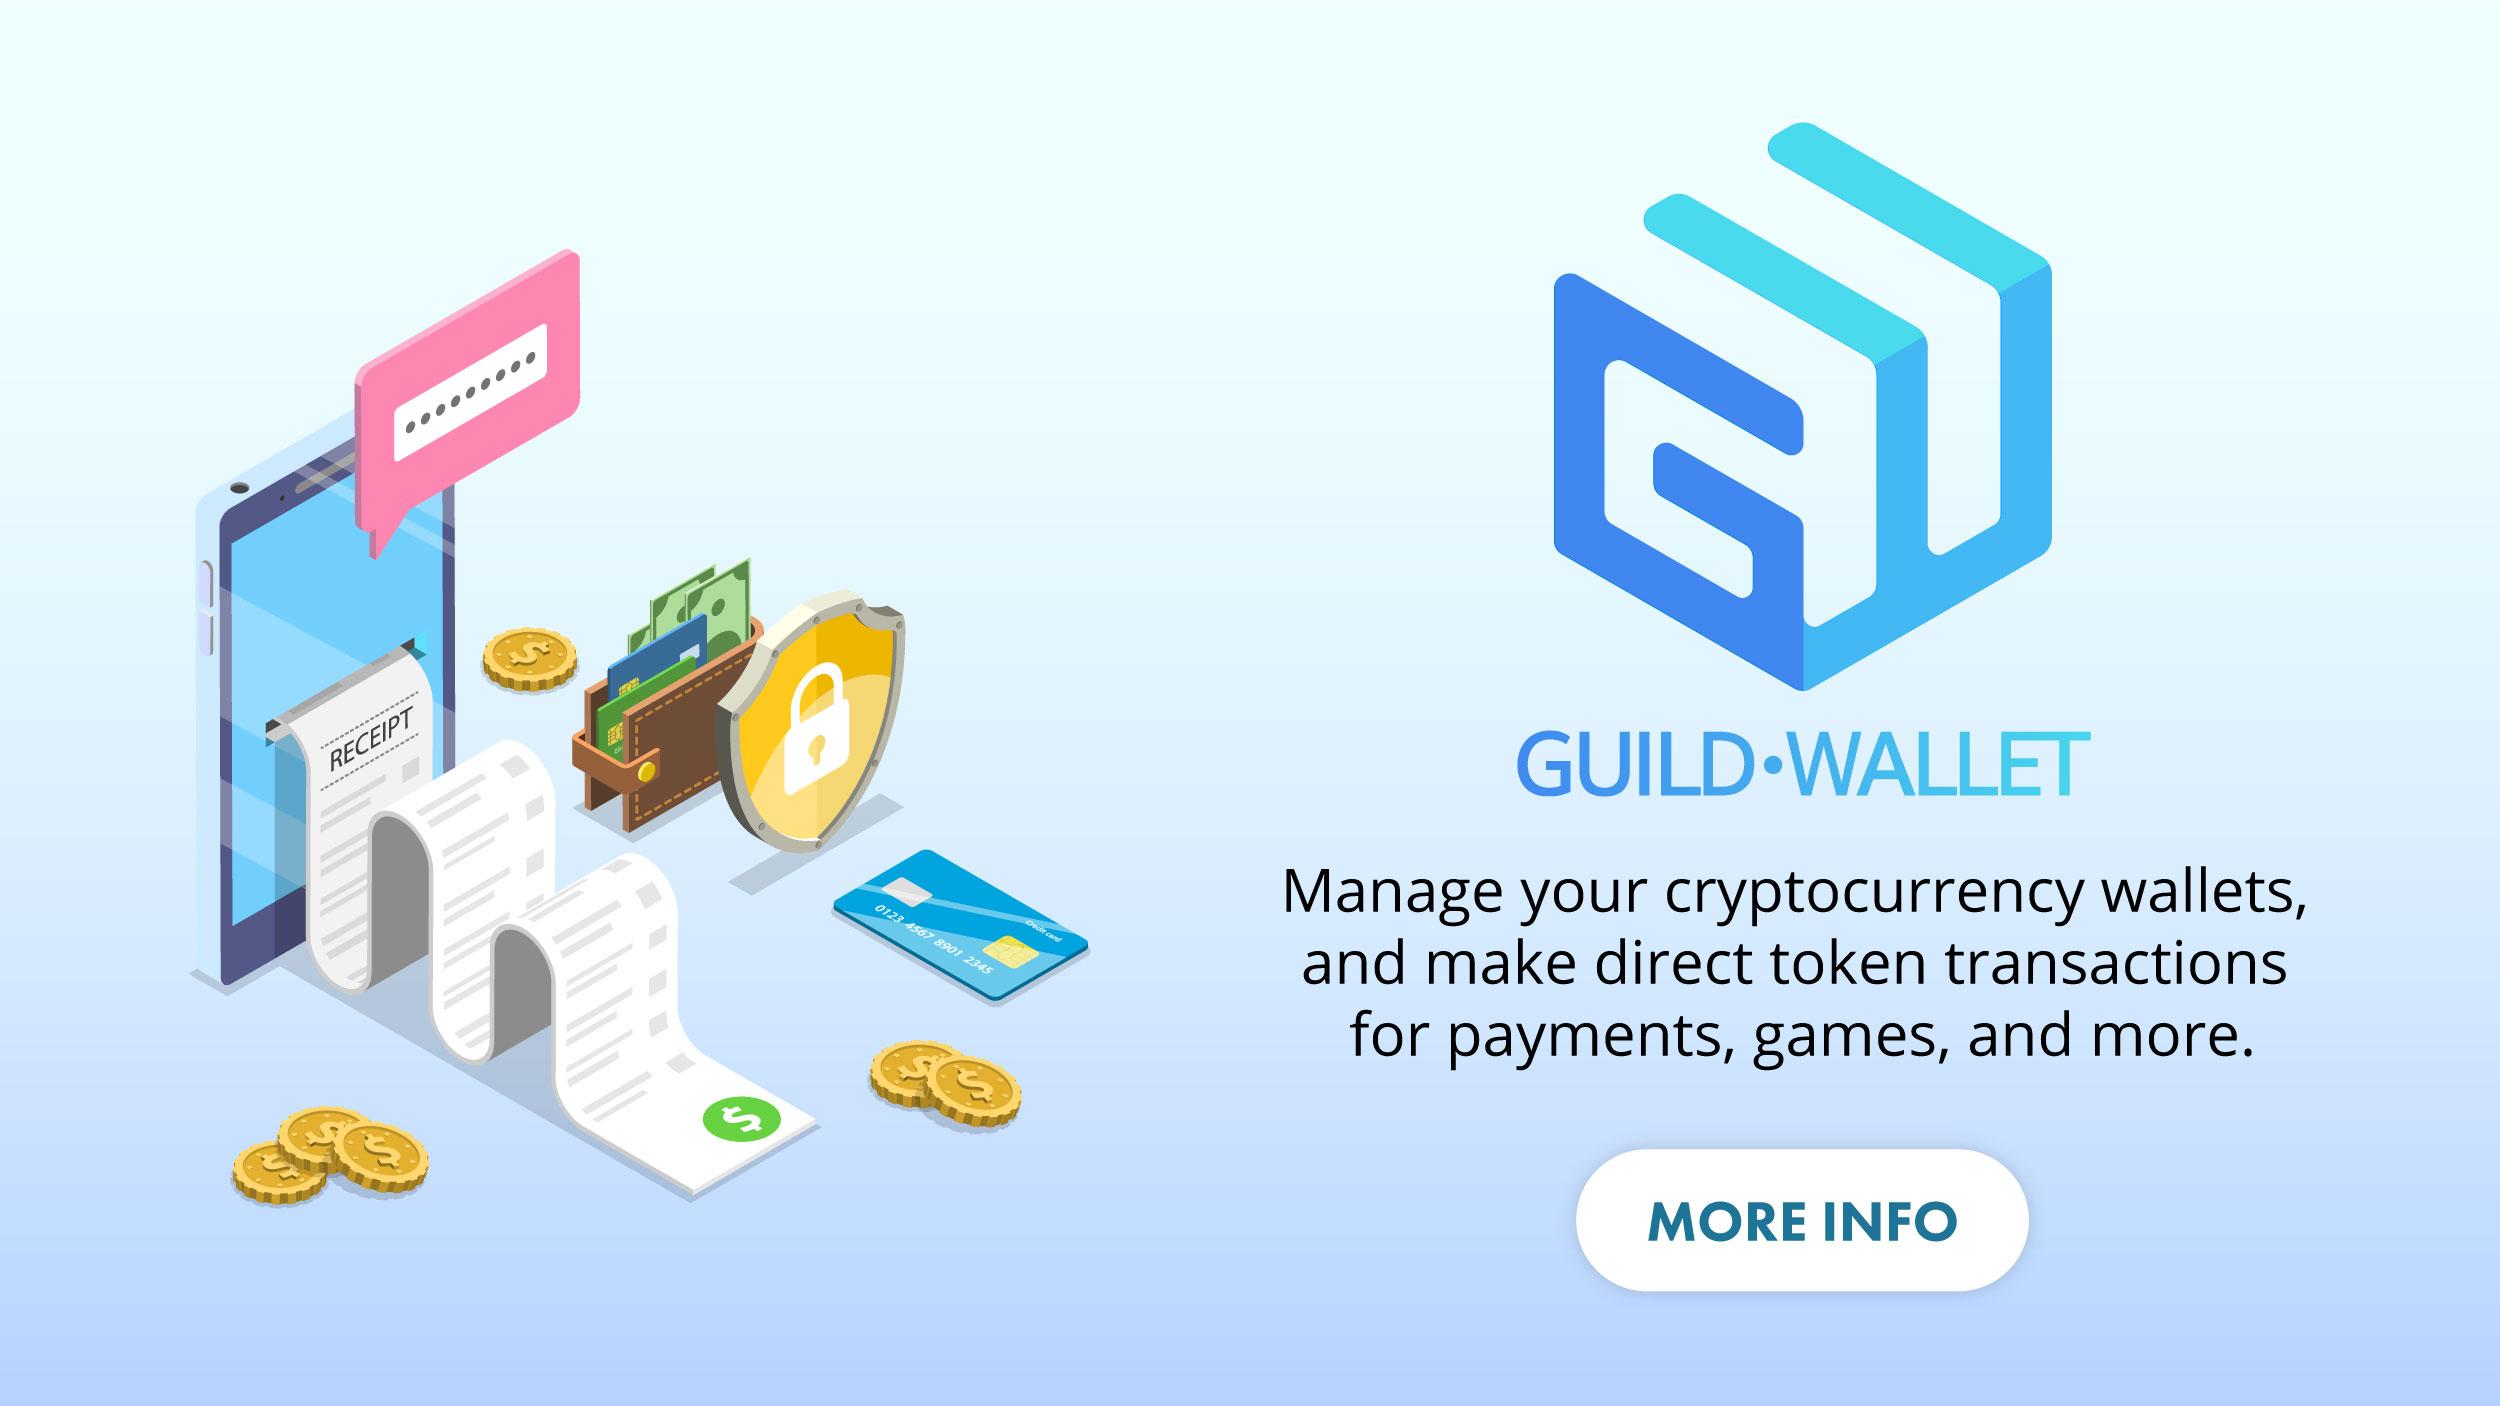 GuildWallet_Carousel-02.jpg